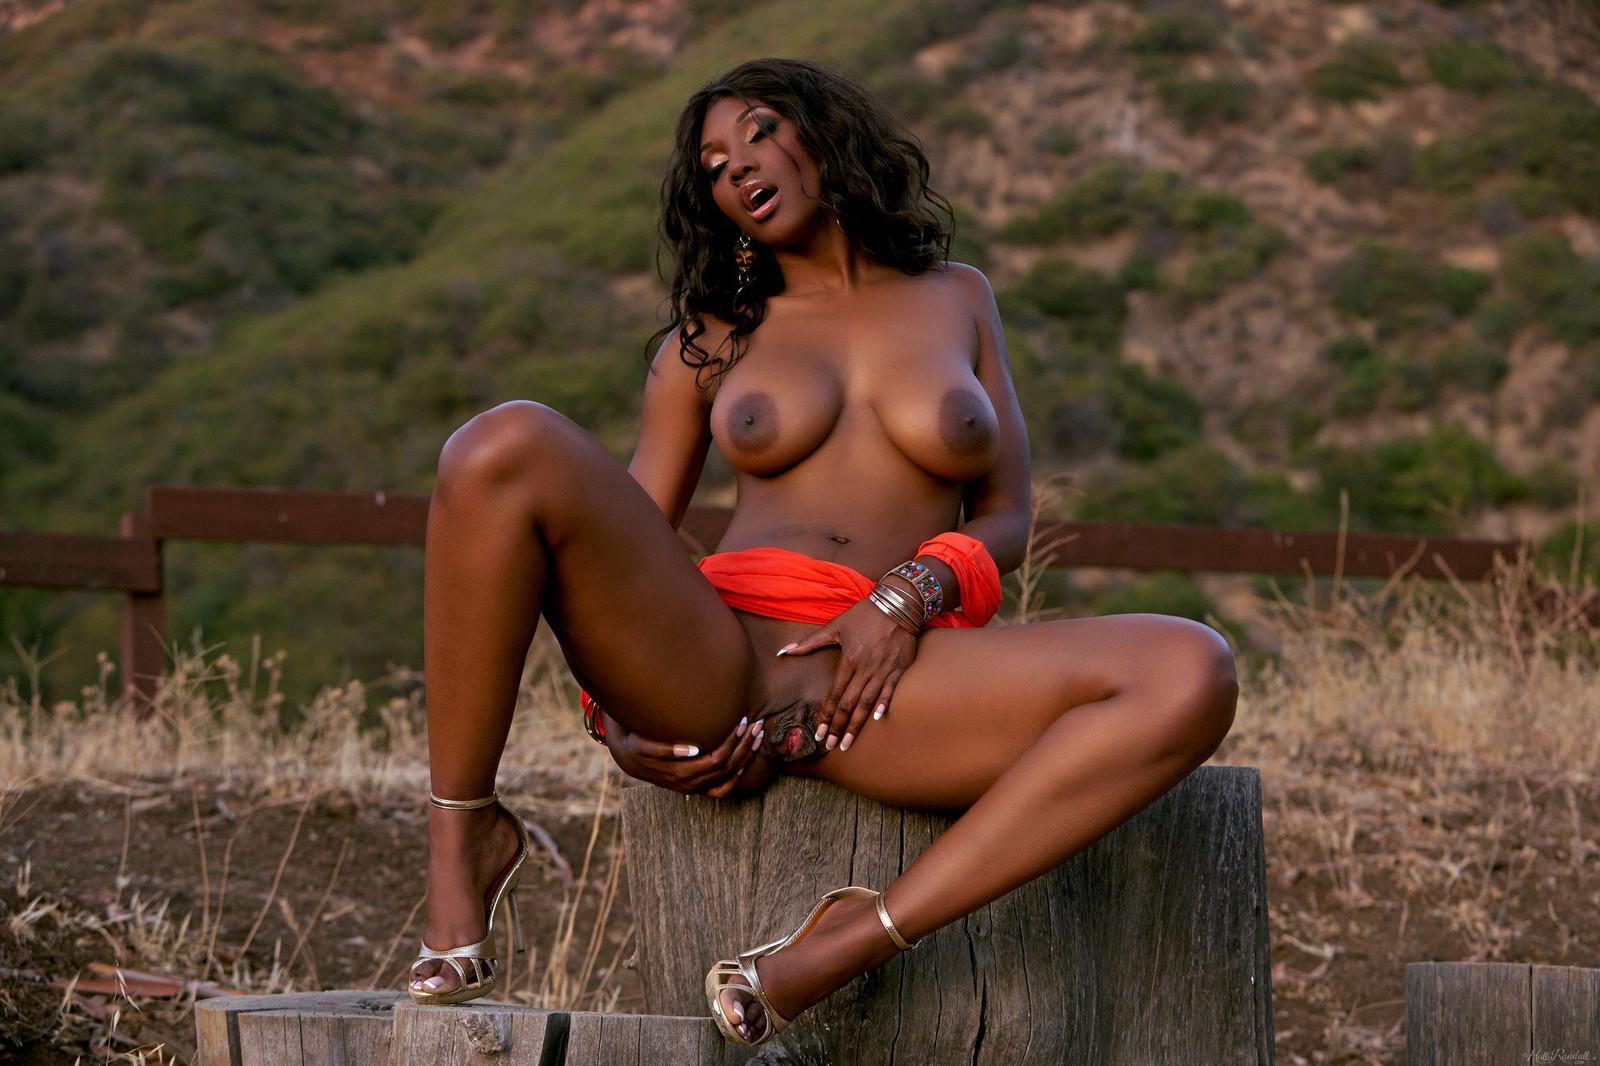 Негритянки сисястые фото, порно крупным планом в колготках